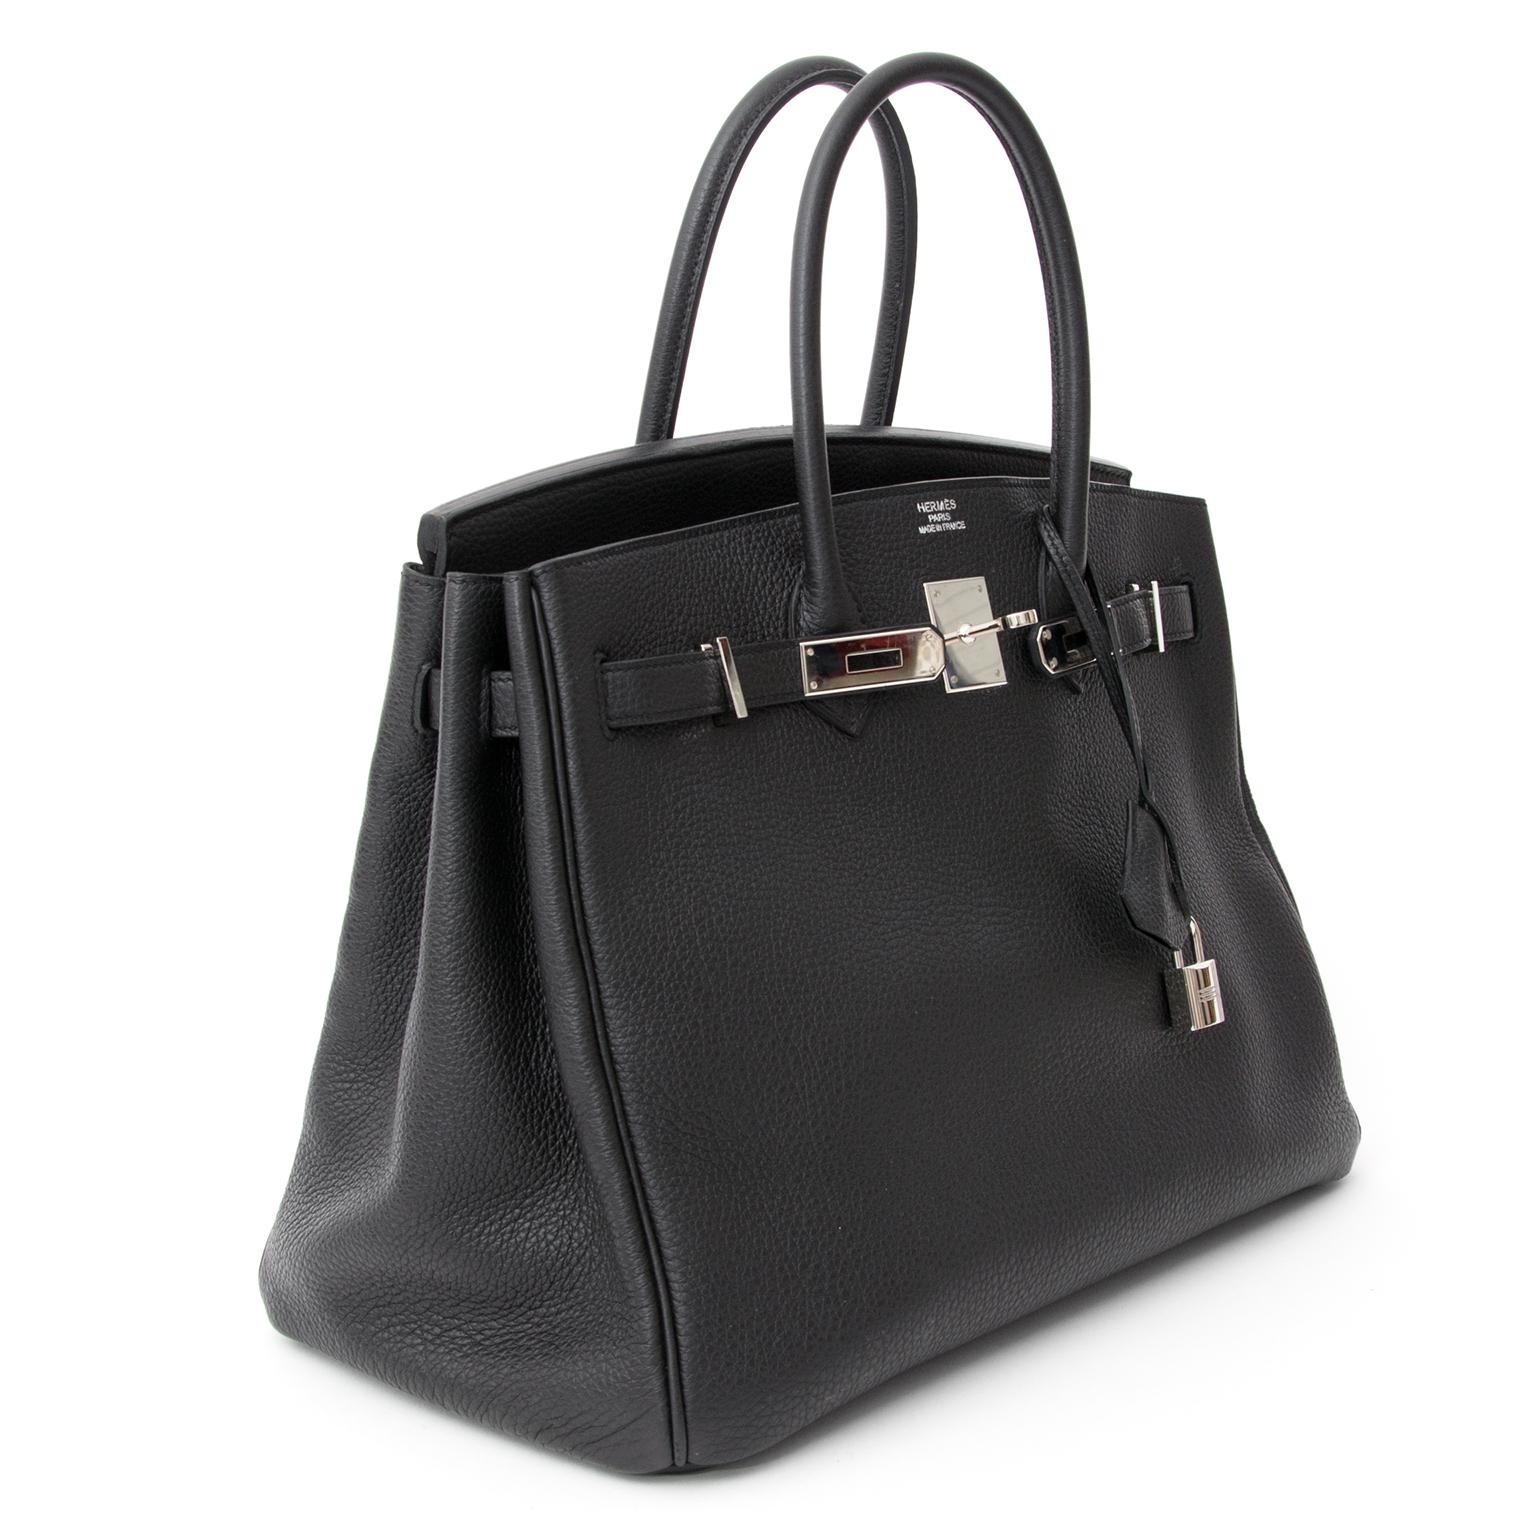 ... koop veilig online tweedehands Designer hermes zwarte Hermes Birkin 35  net als nieuw met stofzak en fbada62dfa5a3